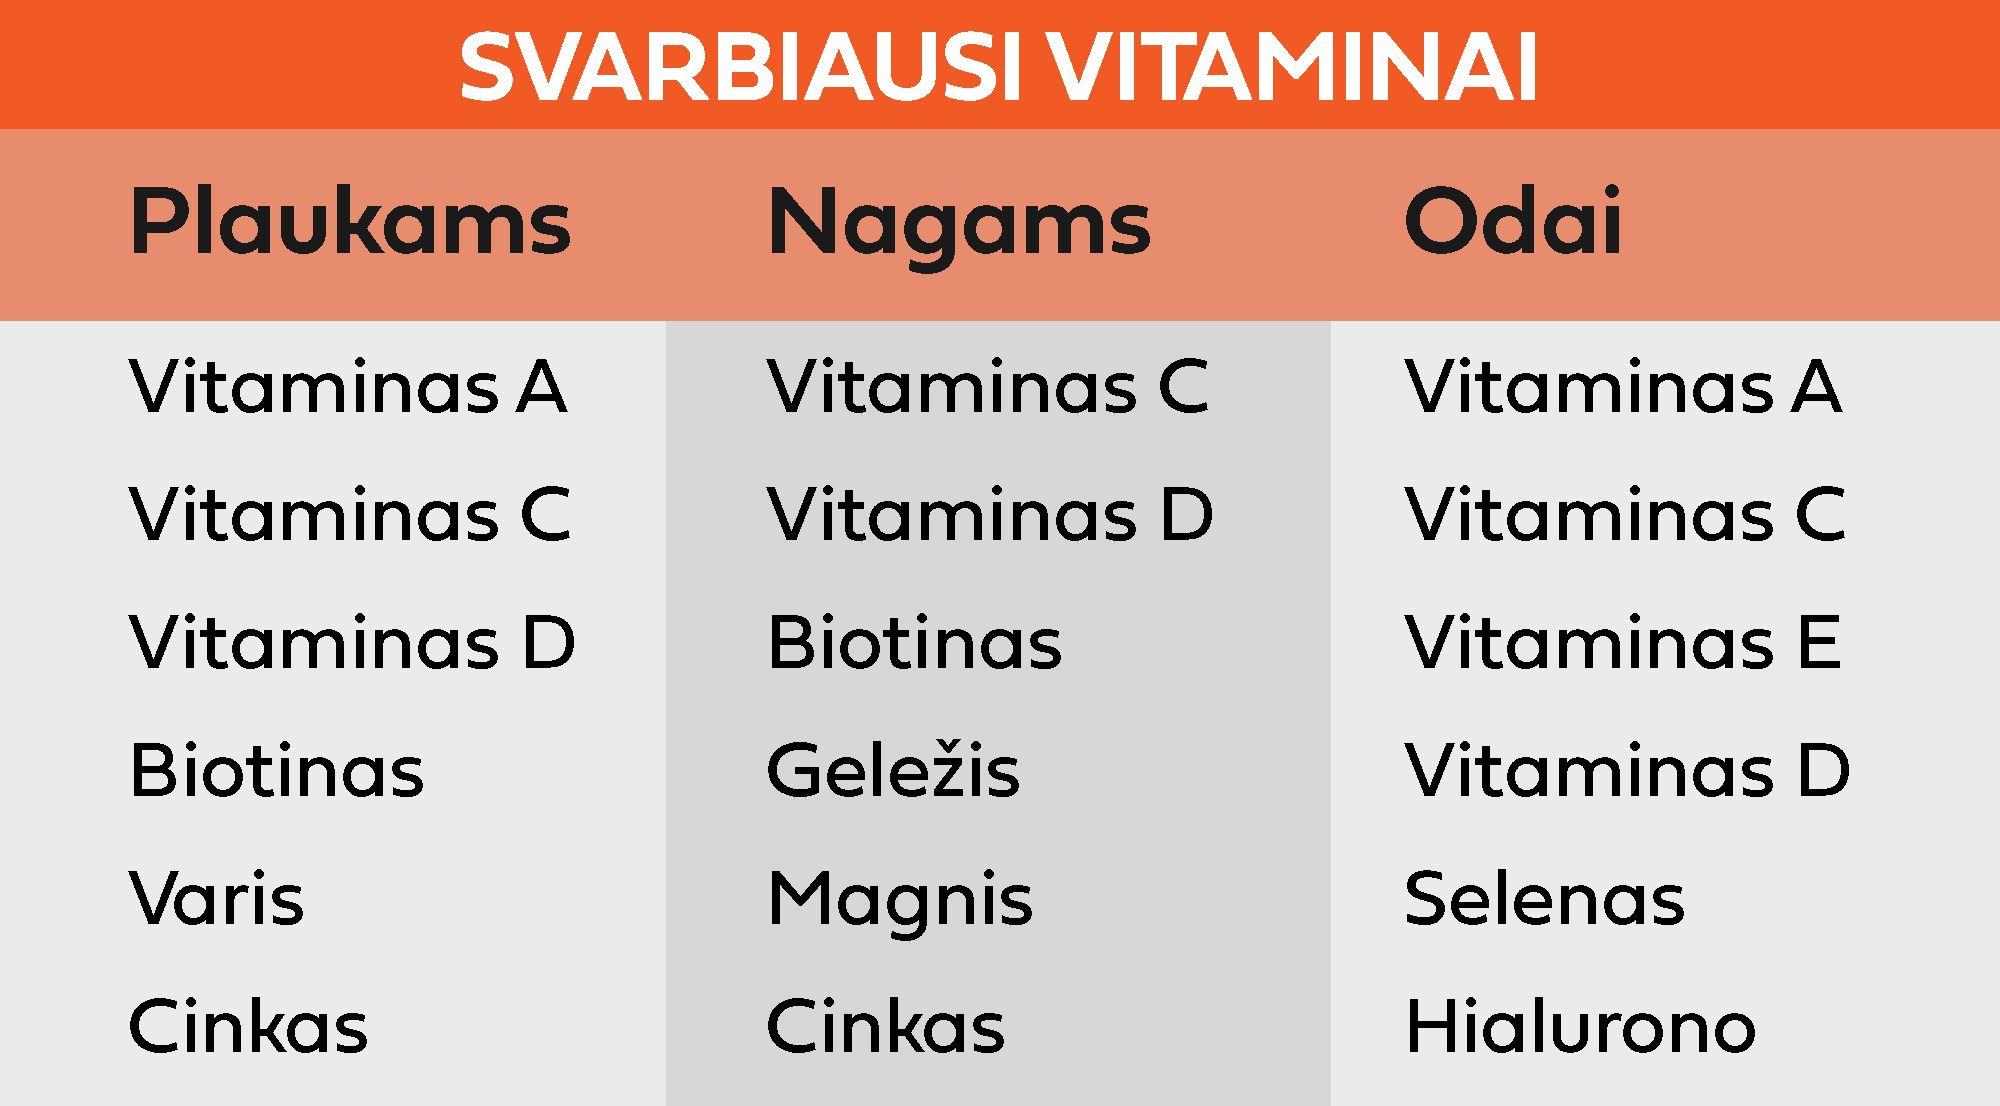 svarbiausi vitaminai plaukams, nagams, odai